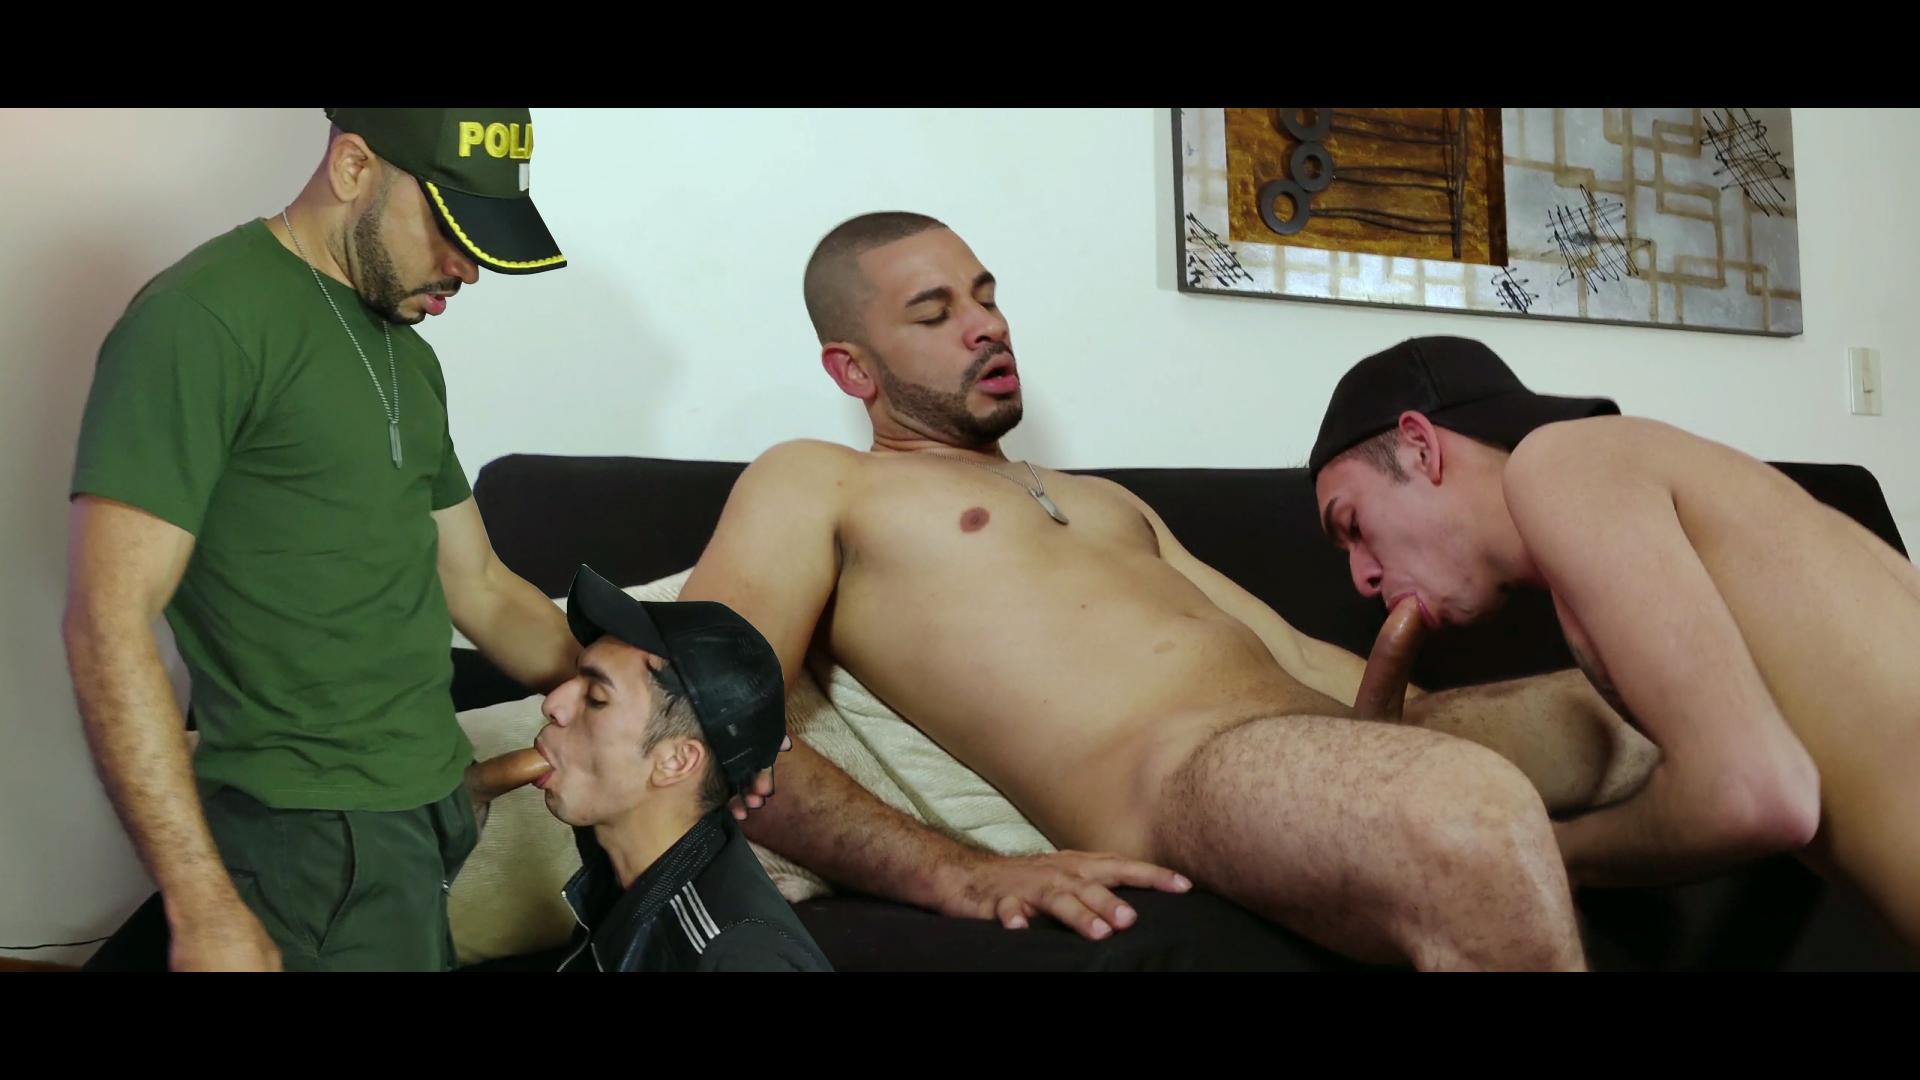 policía recibiendo sexo oral